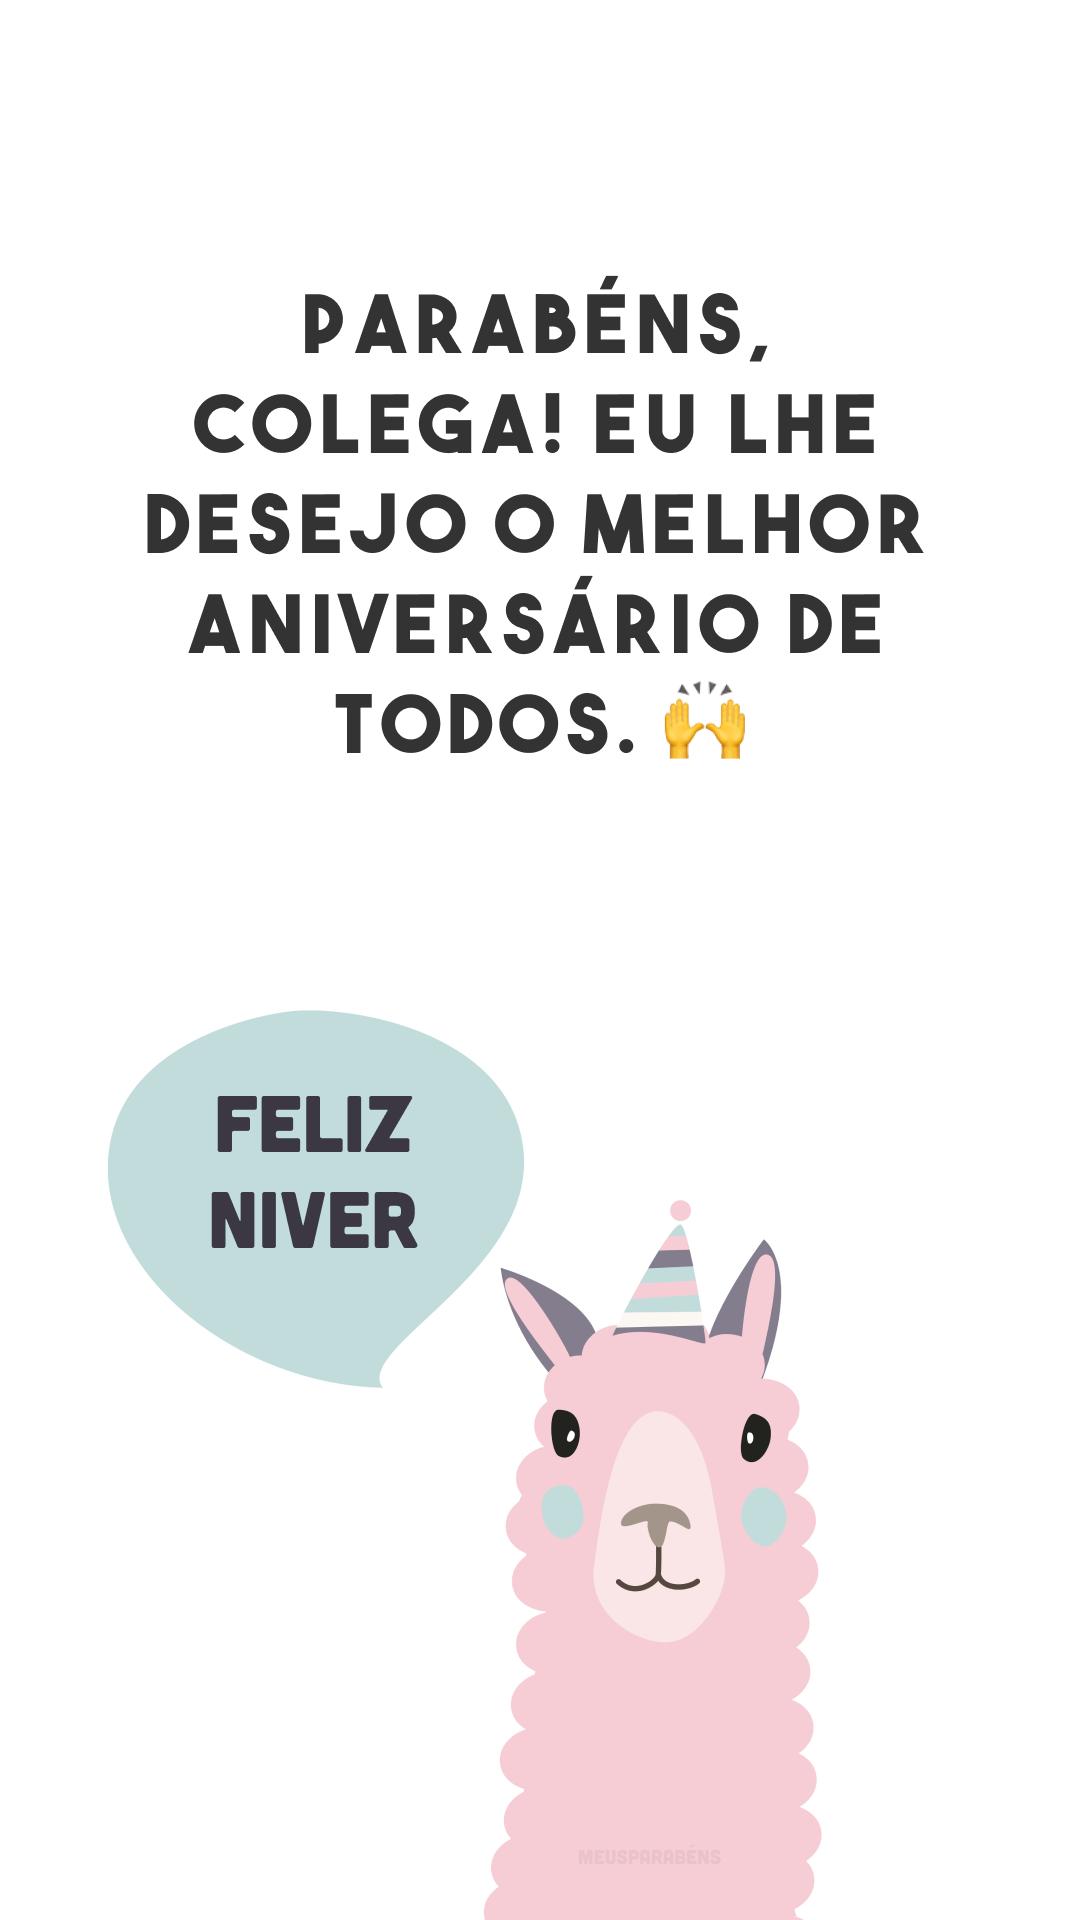 Parabéns, colega! Eu lhe desejo o melhor aniversário de todos. 🙌